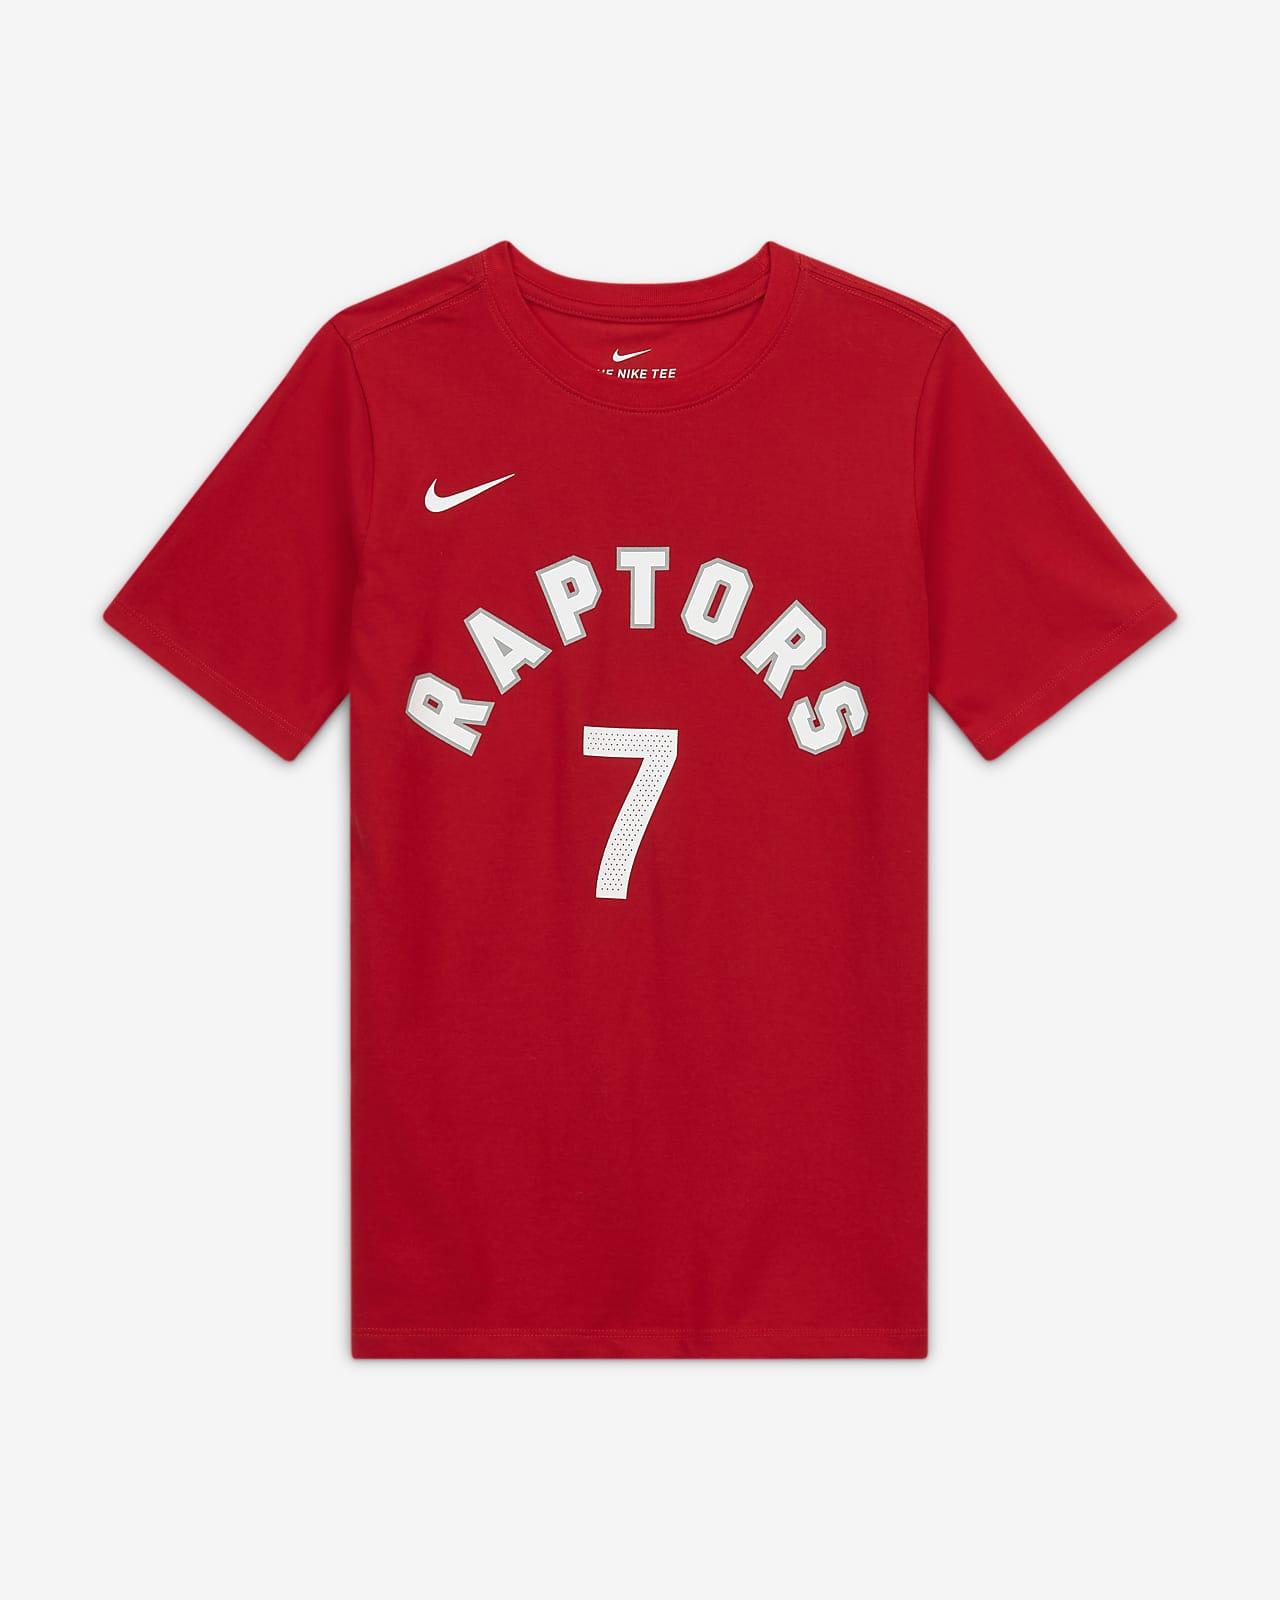 Tee-shirt NBA Nike Dri-FIT Kyle Lowry Raptors pour Enfant plus âgé